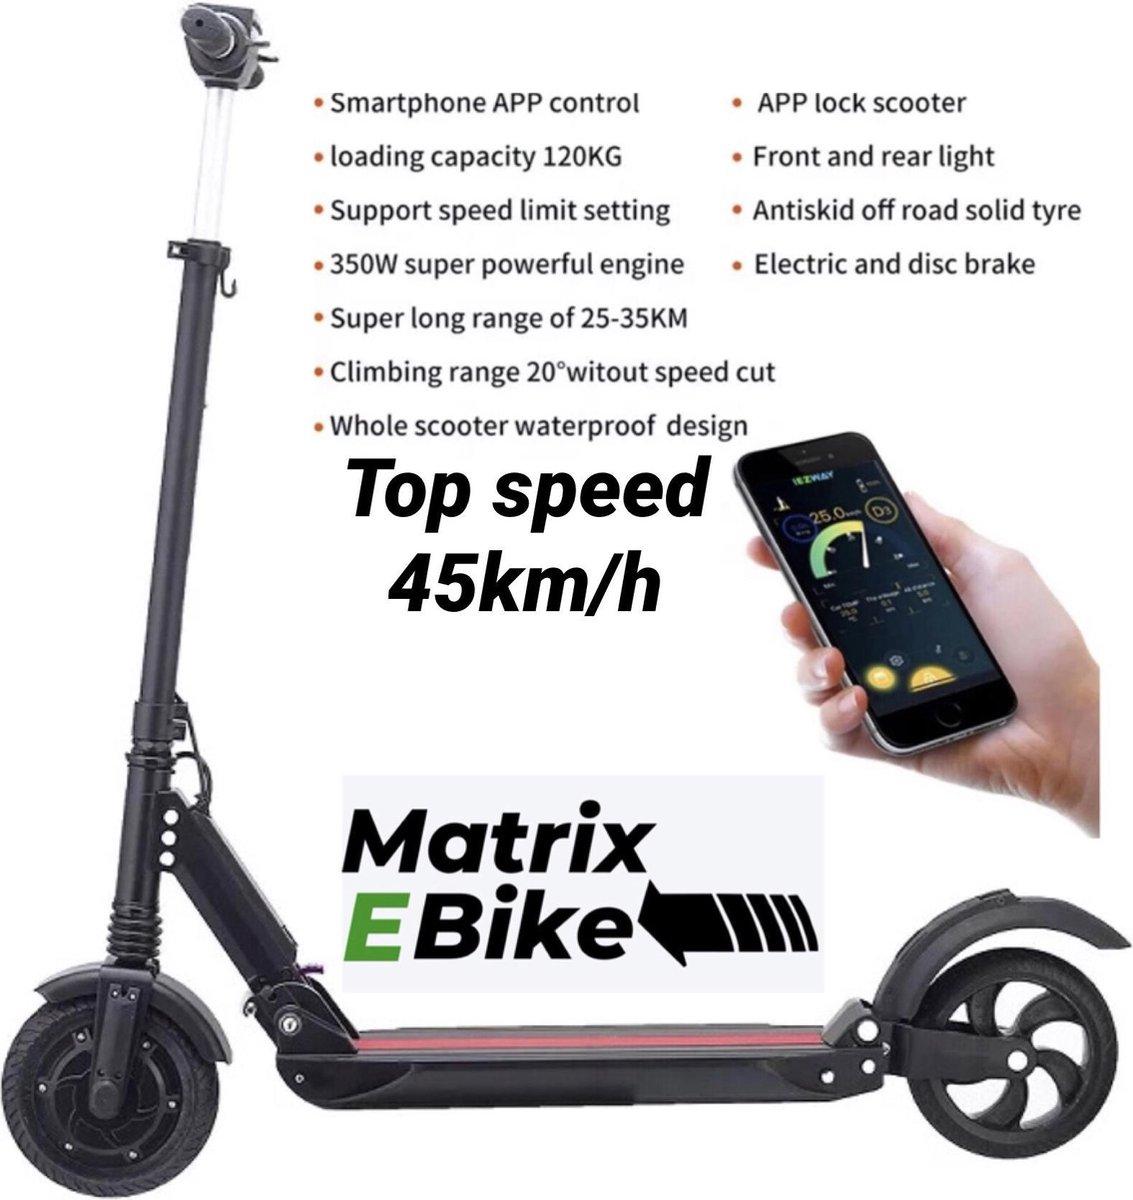 Kugoo S1 - Zwart - Opvouwbaar - E-Step - met km/h teller - stuur in hoogte verstelbaar - elektrische